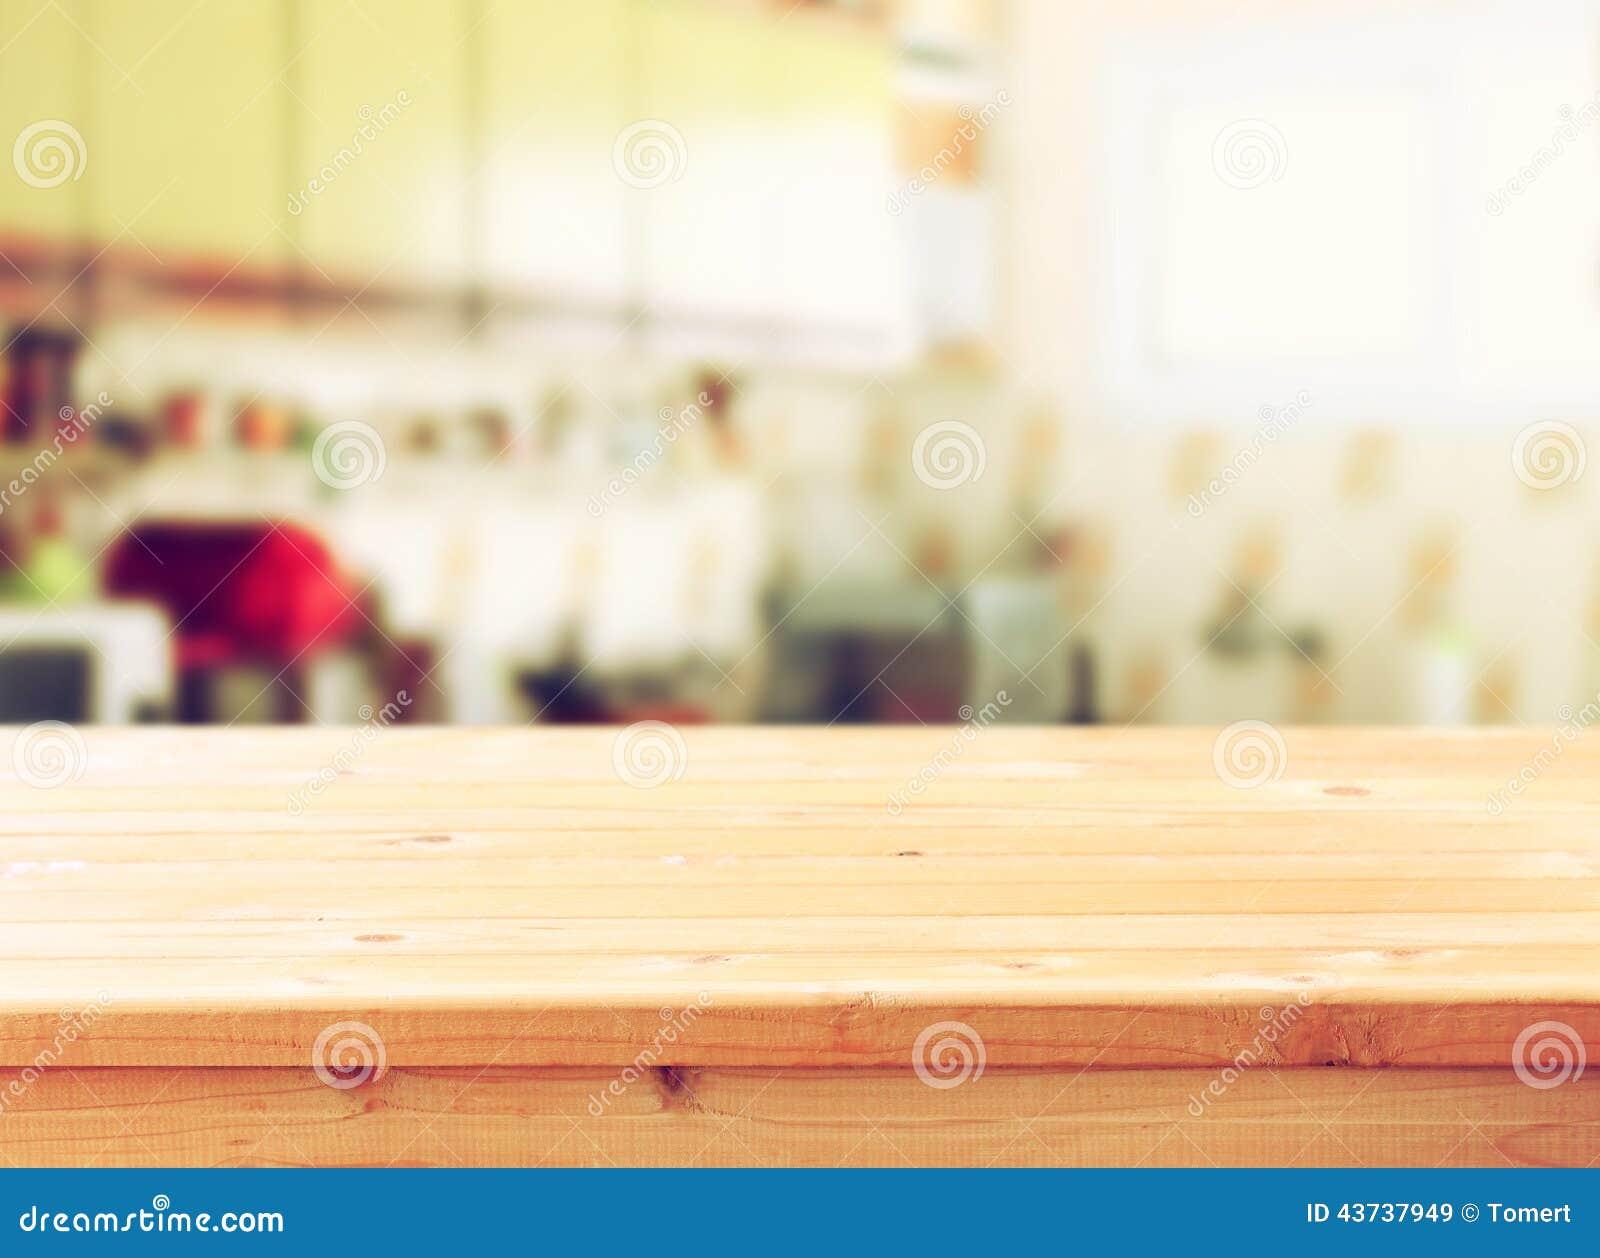 De lege lijstraad en defocused retro keukenachtergrond